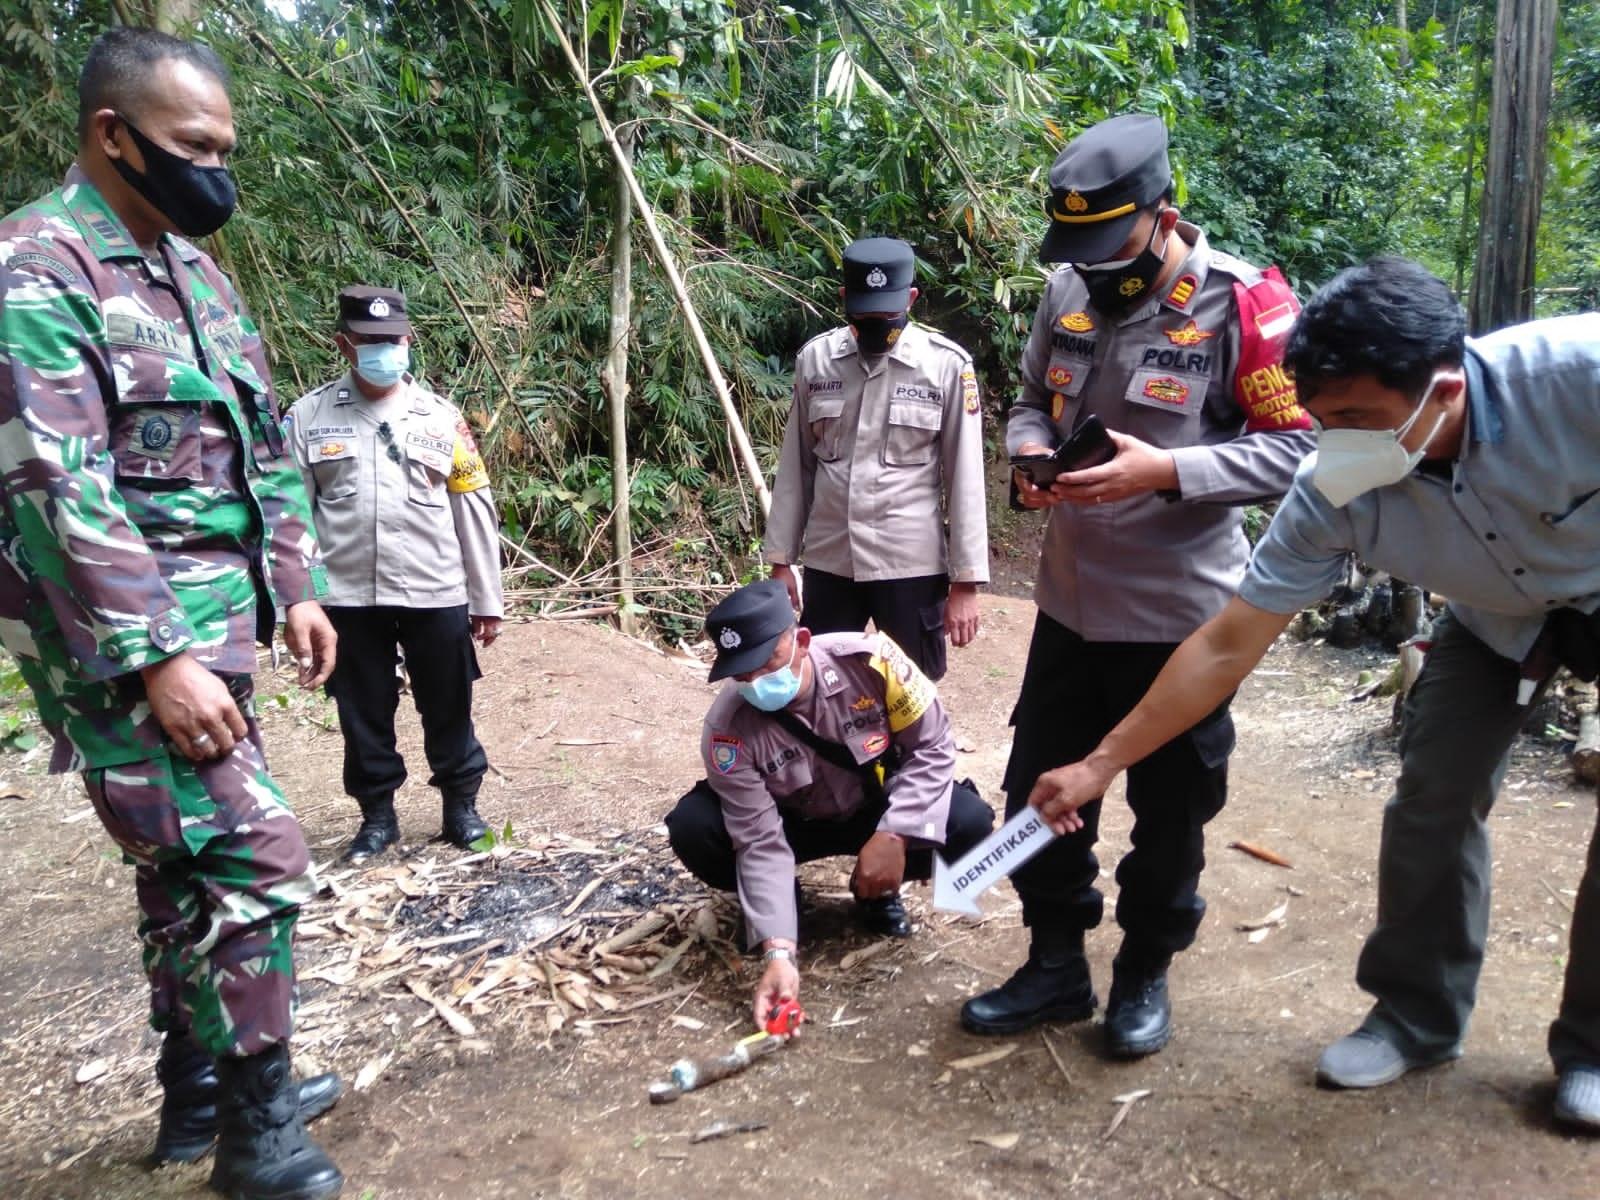 BENDA yang diduga peluru mortir peninggalan zaman Perang Dunia II, ditemukan warga di Banjar Dinas Jegu Tengah, Desa Jegu, Kecamatan Penebel, Tabanan, Rabu (11/8/2021). Foto: ist